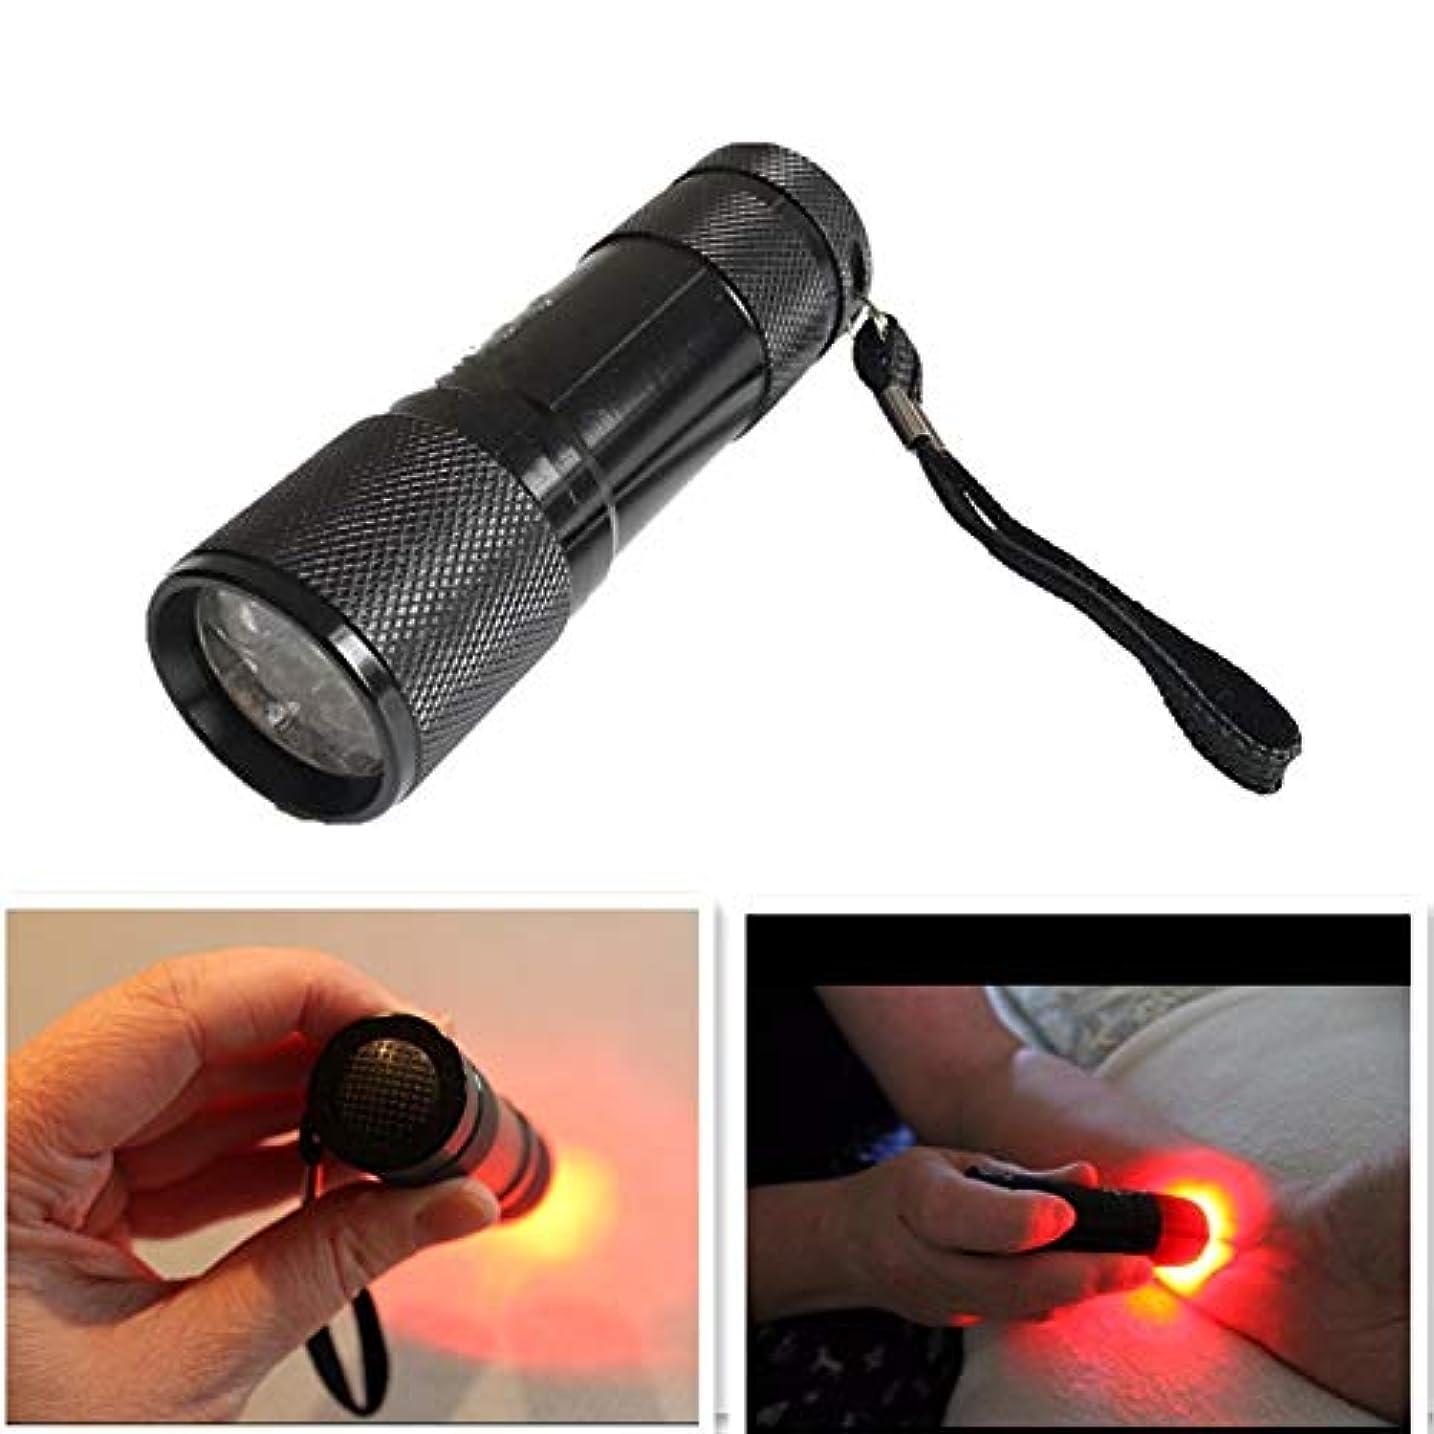 ゲインセイキャロライン光電静脈イメージング懐中電灯血管ディスプレイ懐中電灯手穿刺による血管ライトの確認皮下静脈デバイスの発見が容易